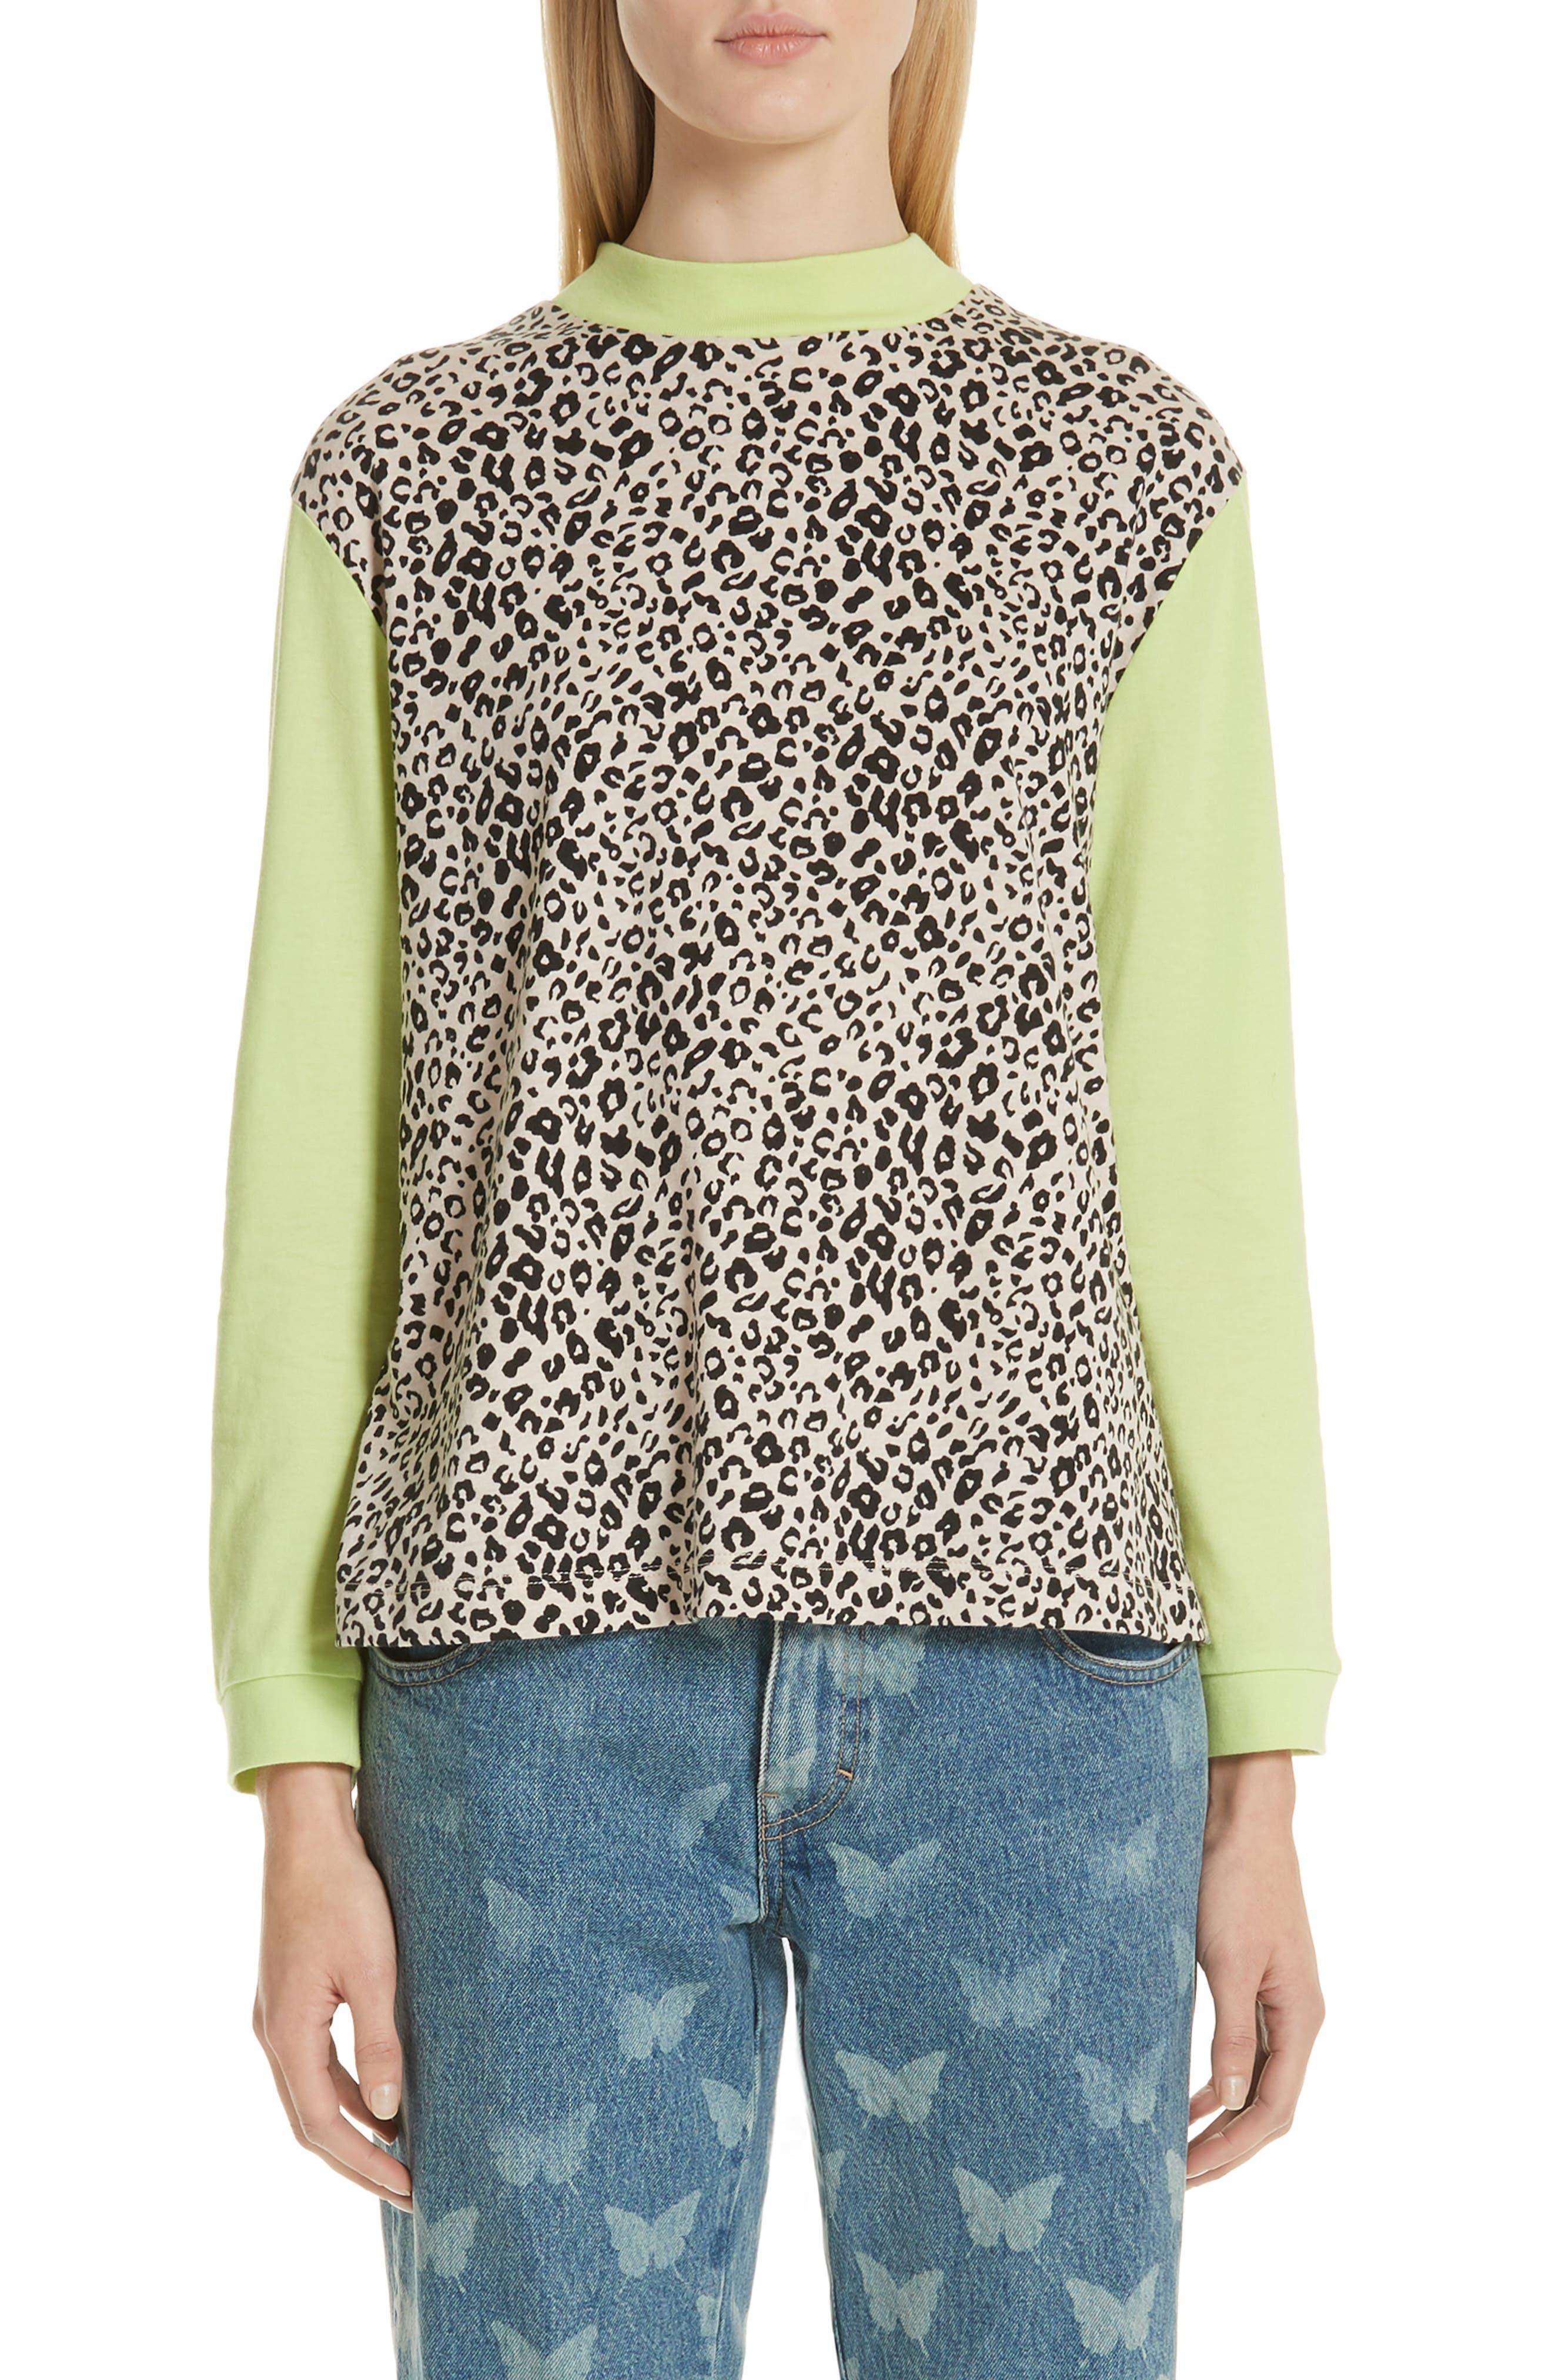 Lewis Leopard & Neon Sweater,                             Main thumbnail 1, color,                             SNOW LEOPARD